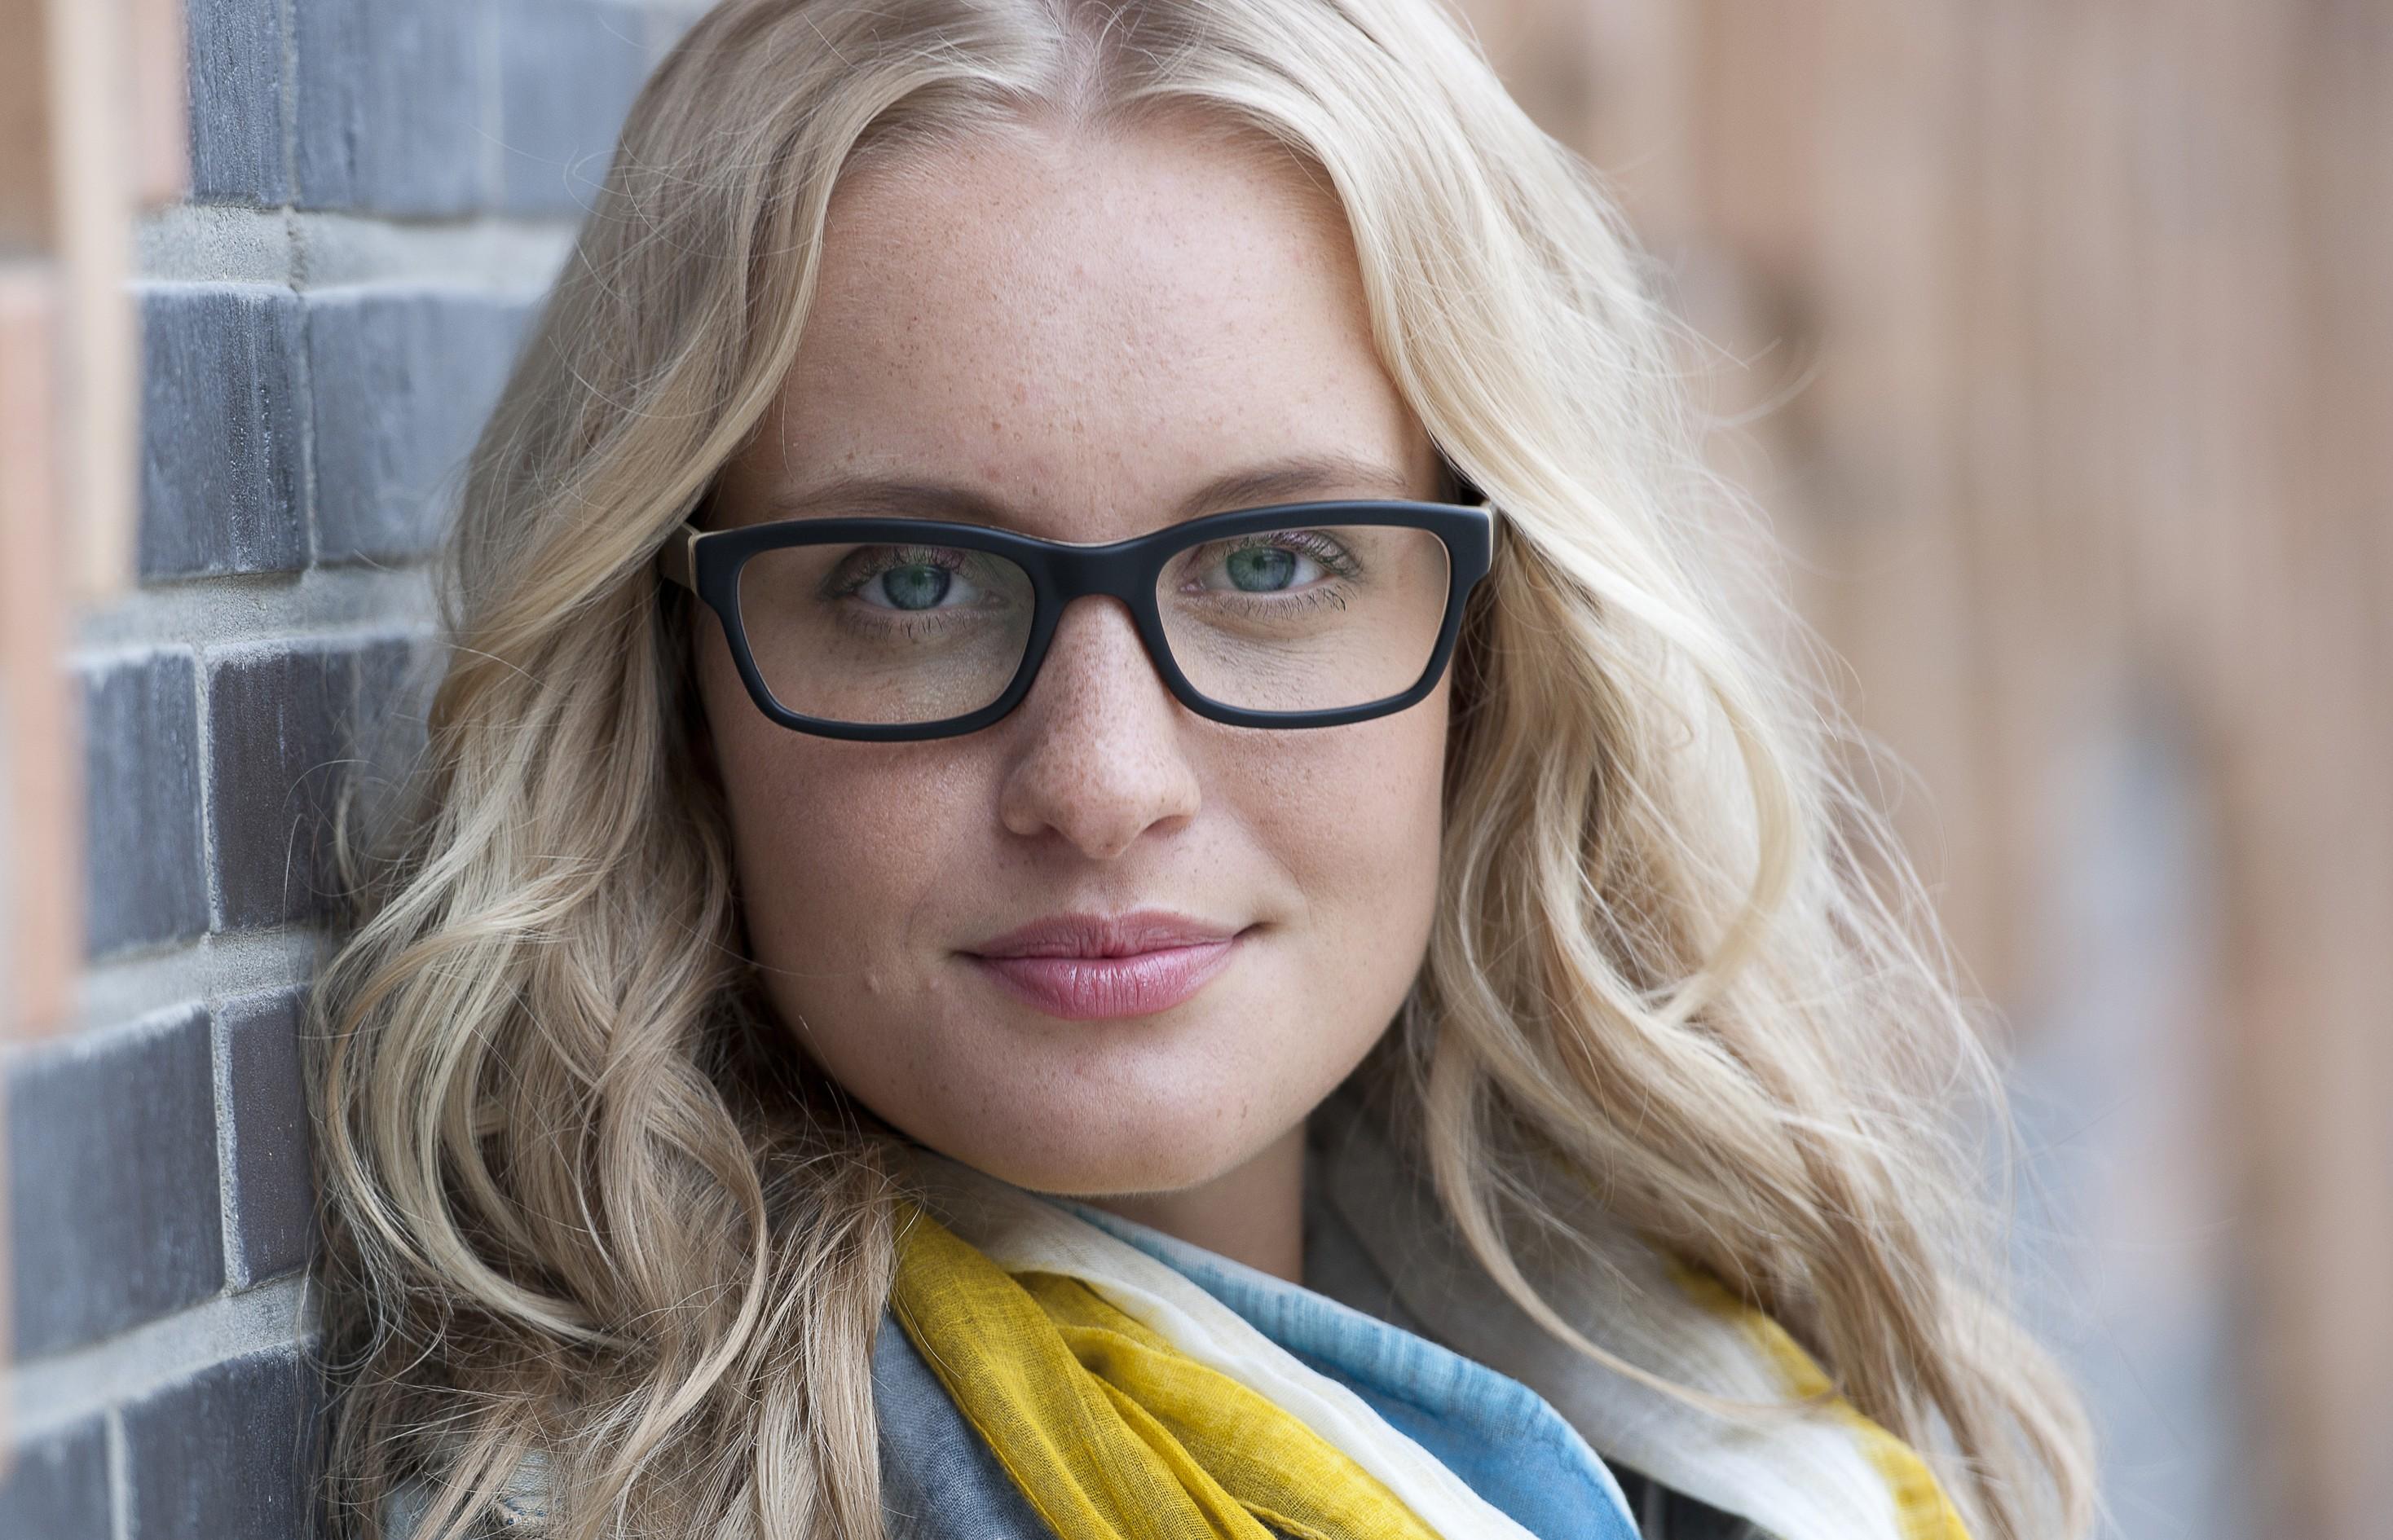 Brillentipps für ein langes Gesicht | Brillenstyling